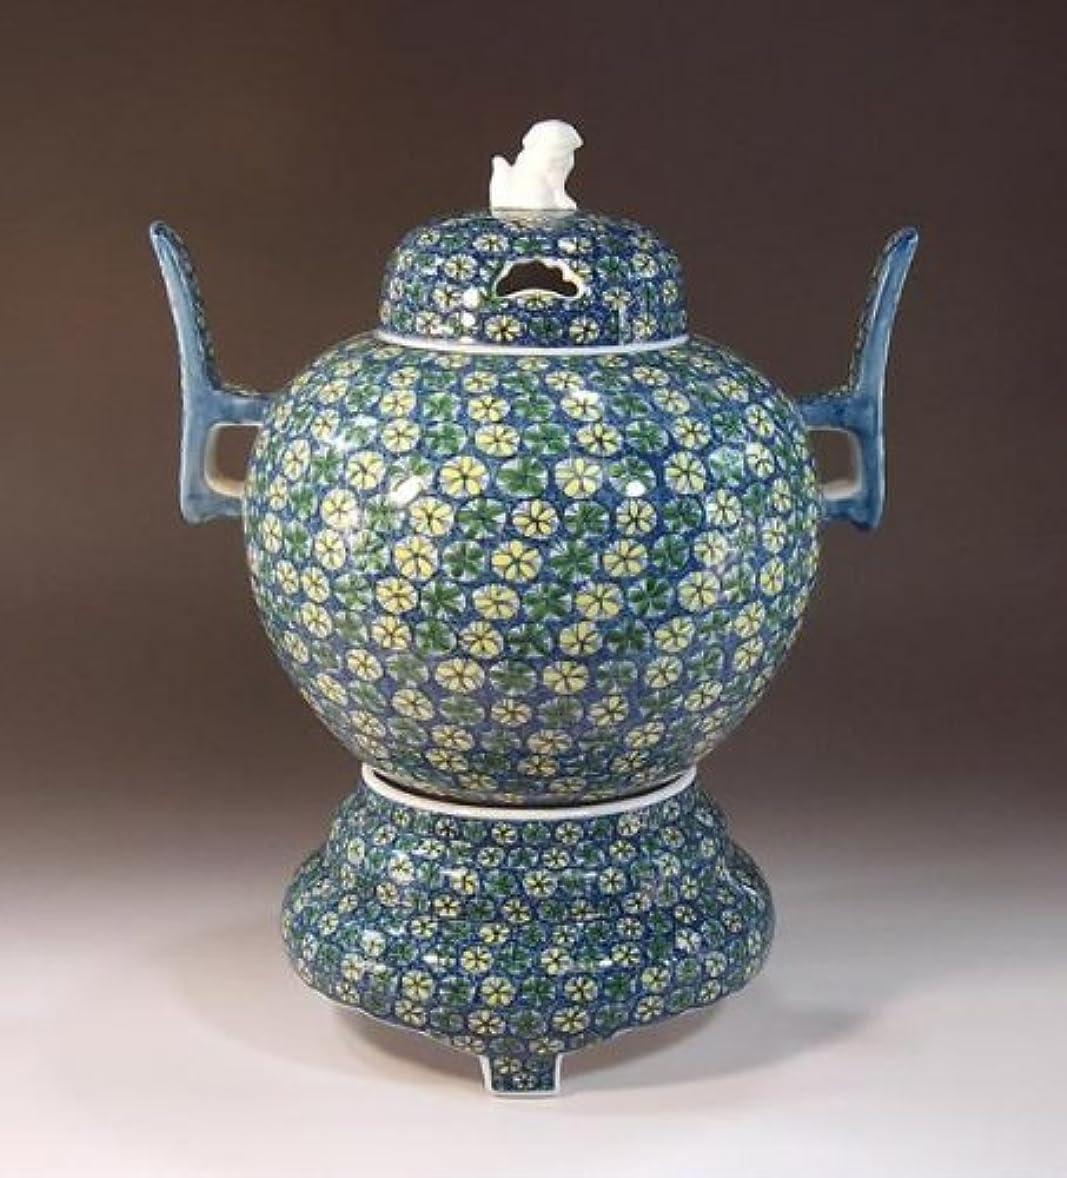 キッチン量で新しい意味有田焼?伊万里焼の陶器高級香炉|贈答品|ギフト|記念品|贈り物|小花紋様?陶芸家 藤井錦彩